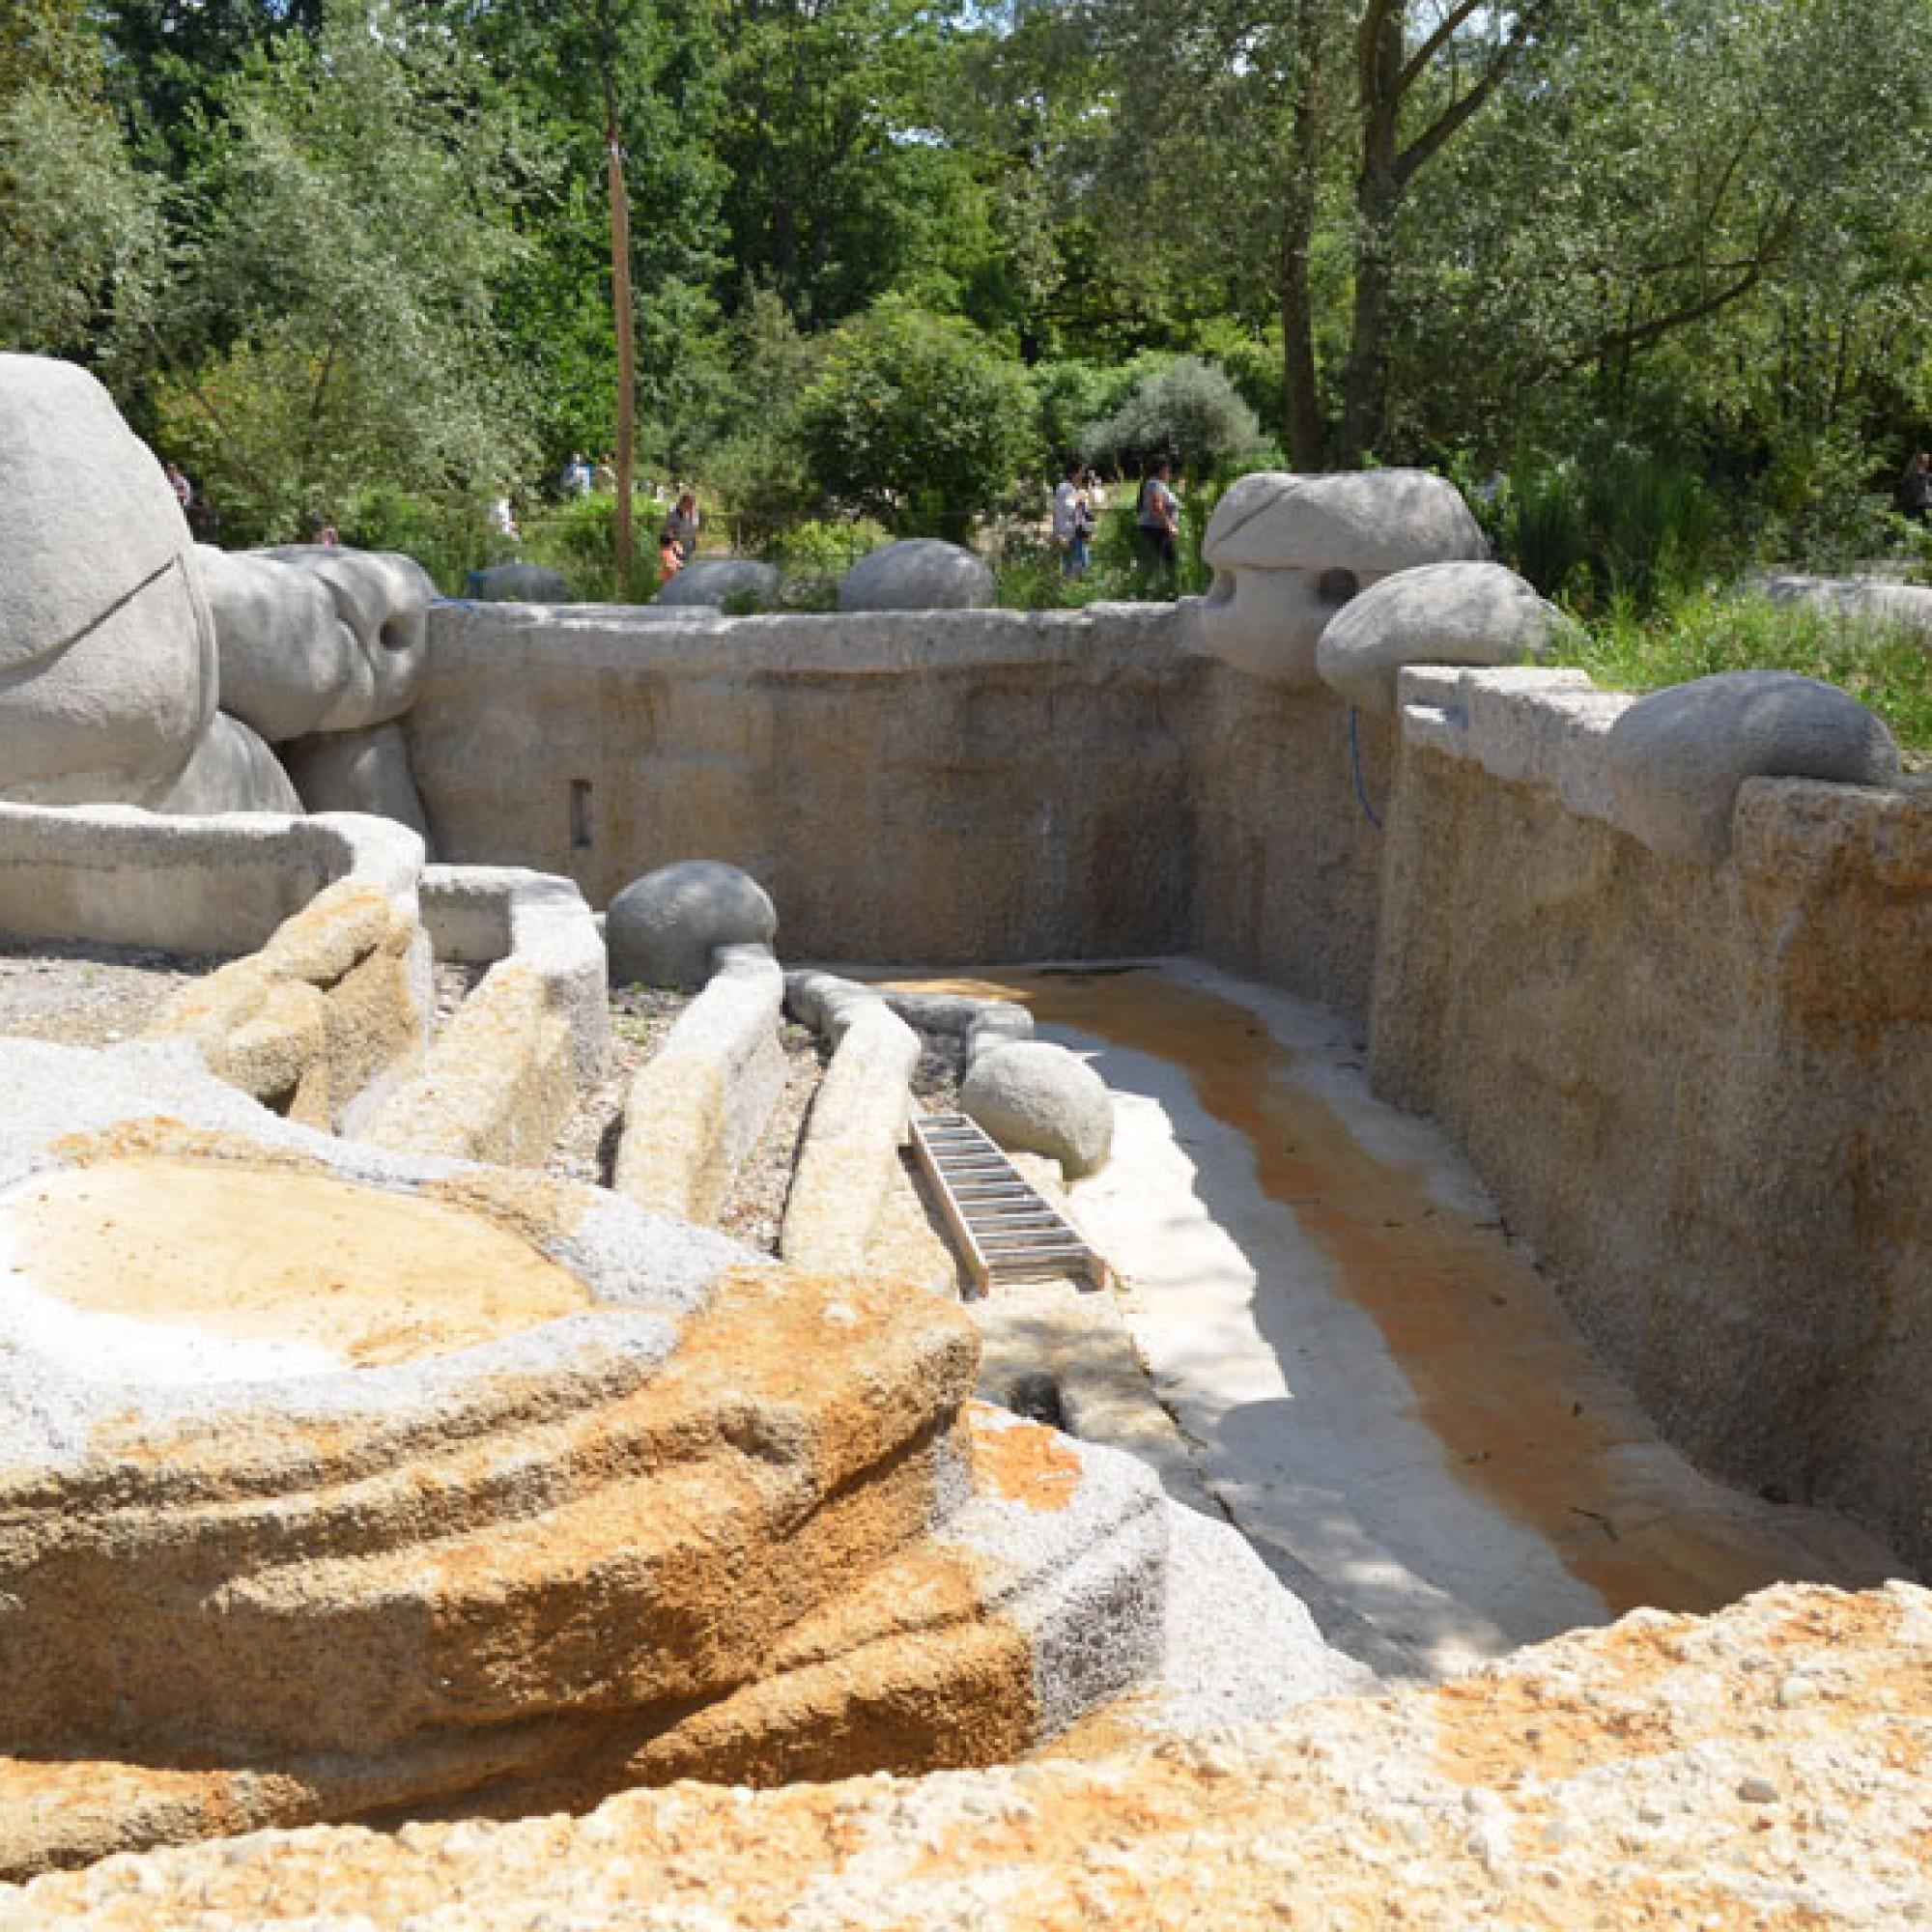 Der Bau der Bullen-Aussenanlage mit einem begehbaren Graben ist bereits weit fortgeschritten (stg)